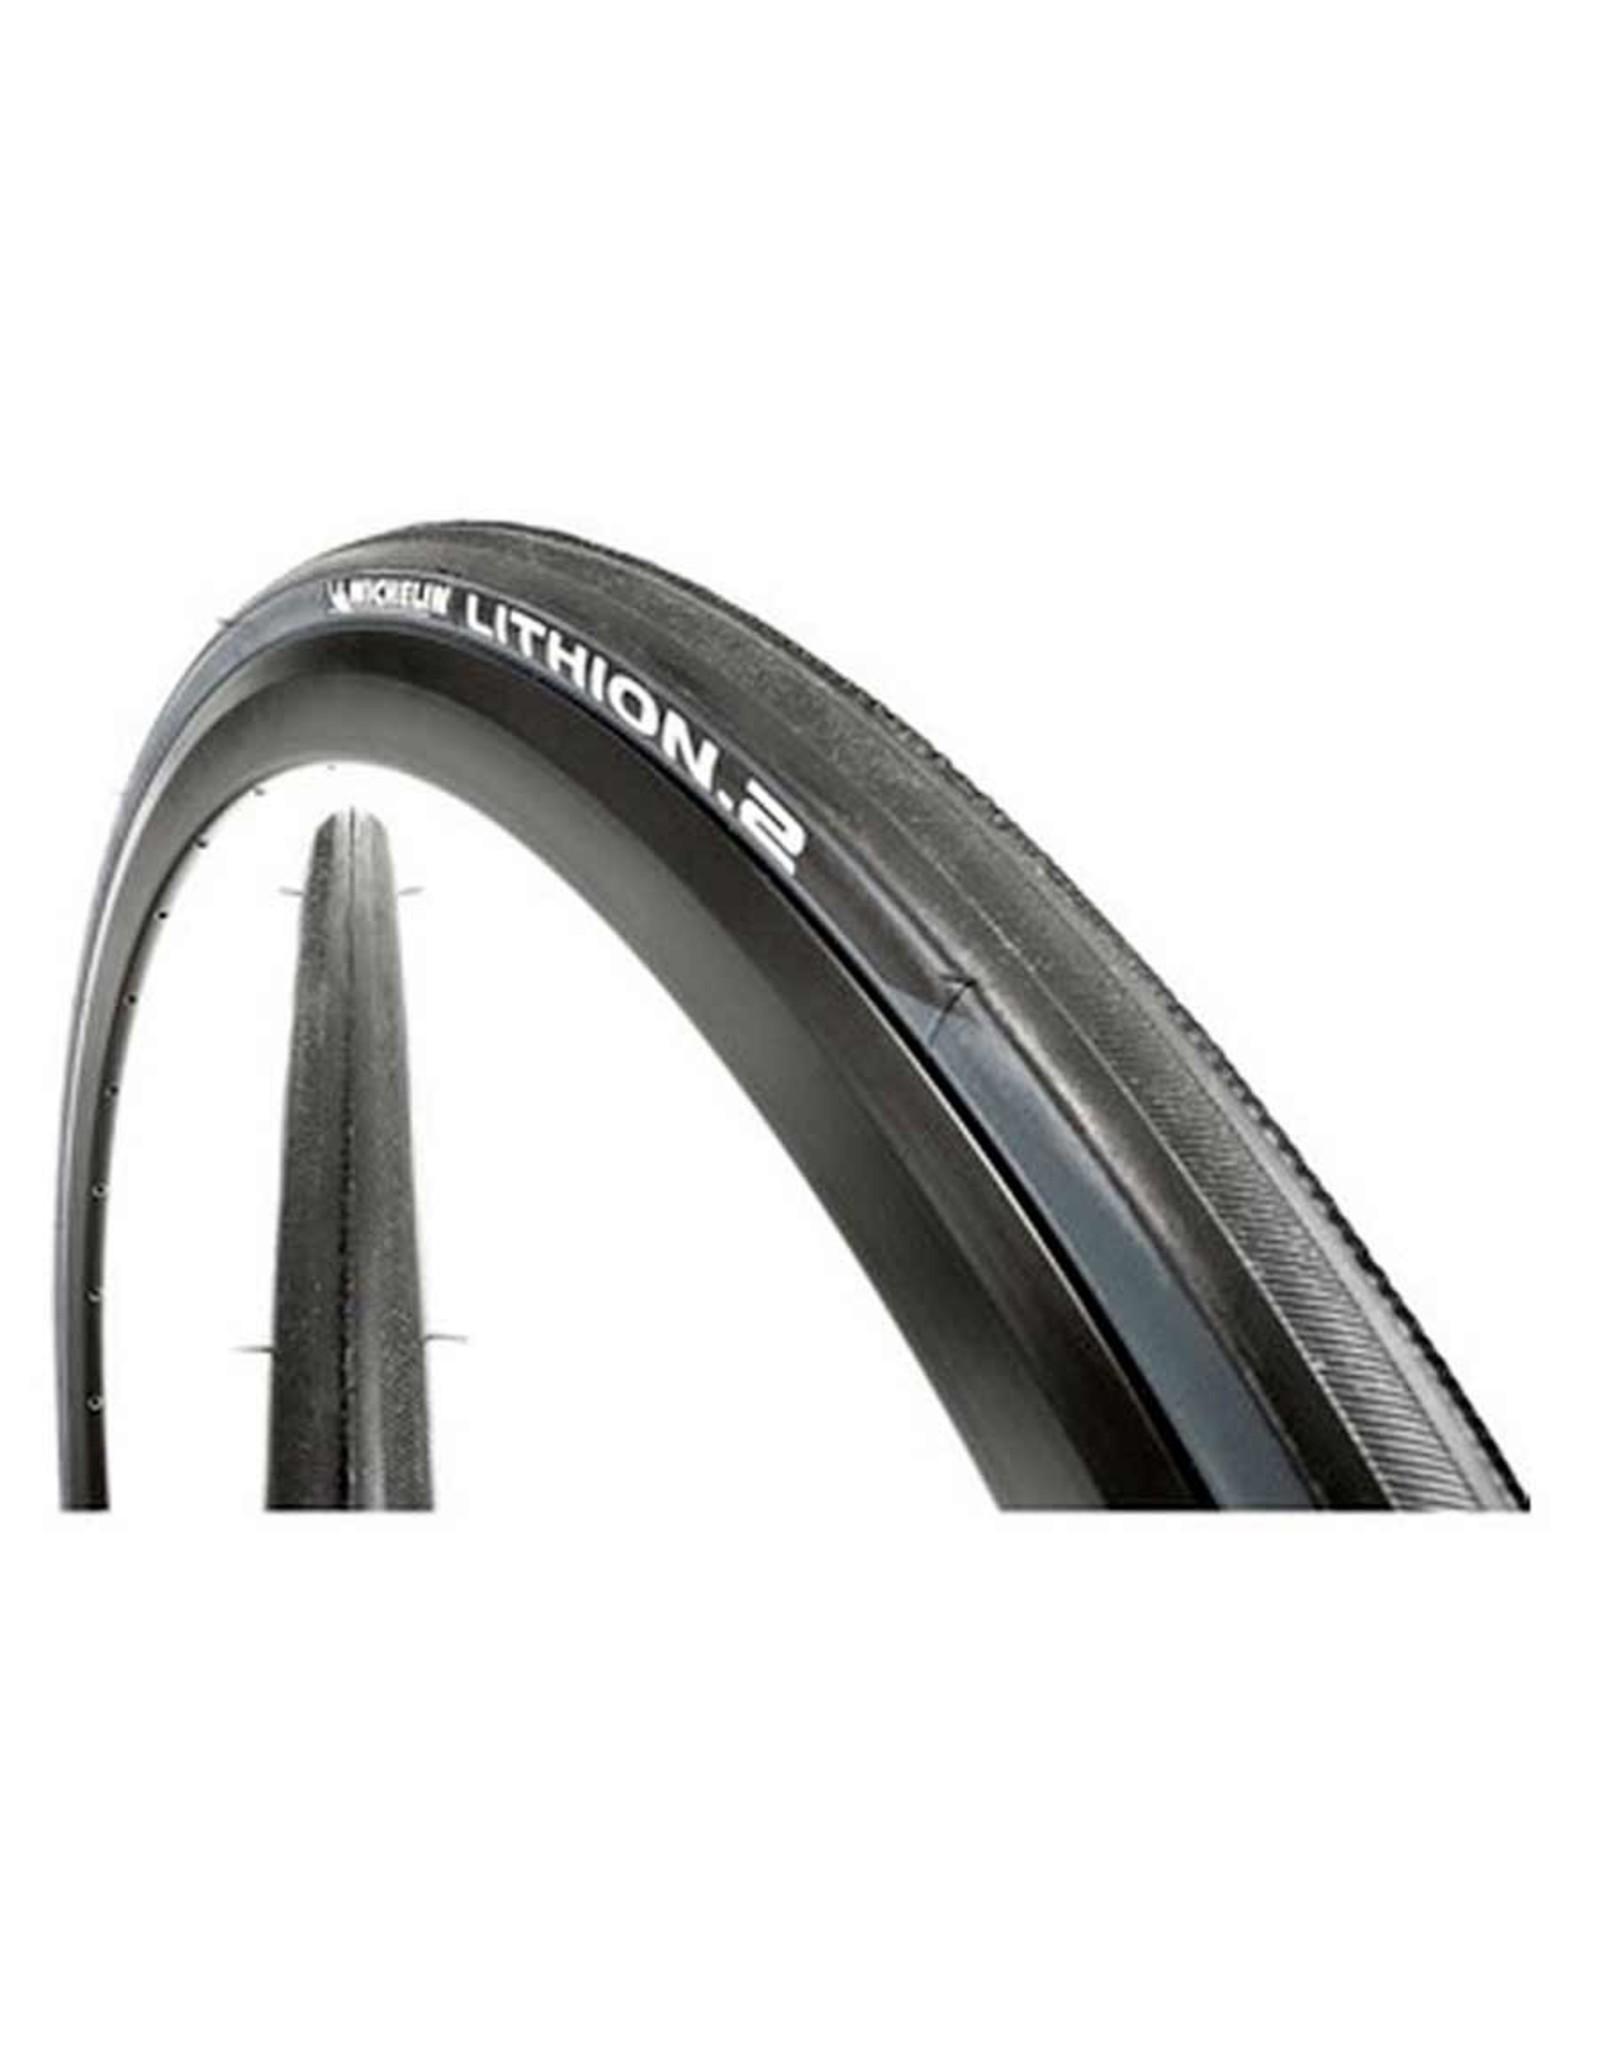 Michelin Michelin, Lithion 2, Tire, 700x23C, Folding, Clincher, Silica, 60TPI, Grey